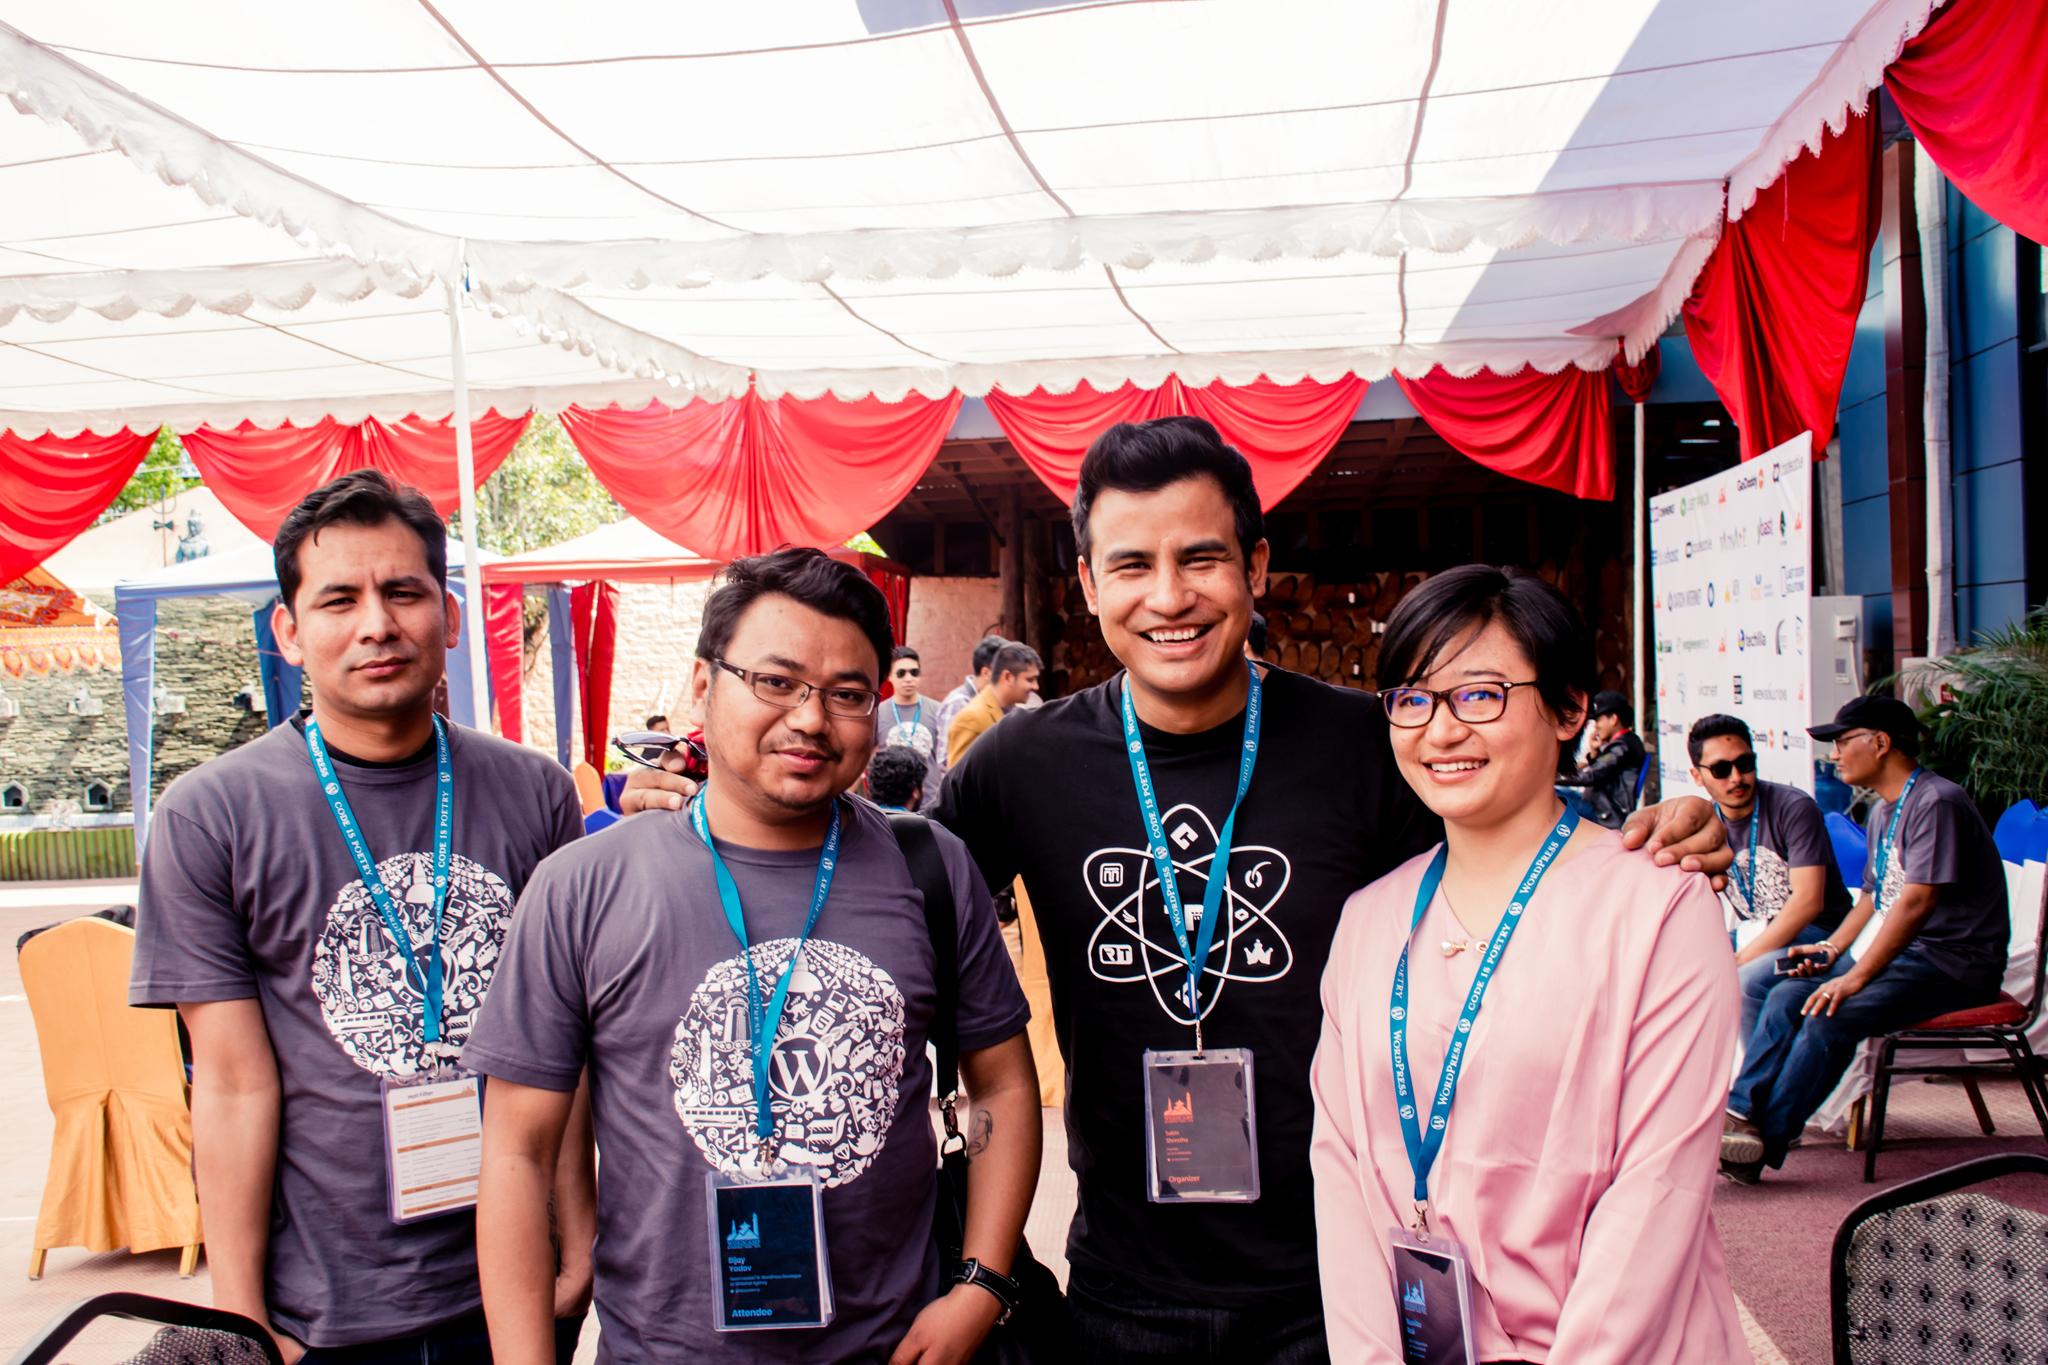 A Moment of Fun at WordCamp Kathmandu 2018